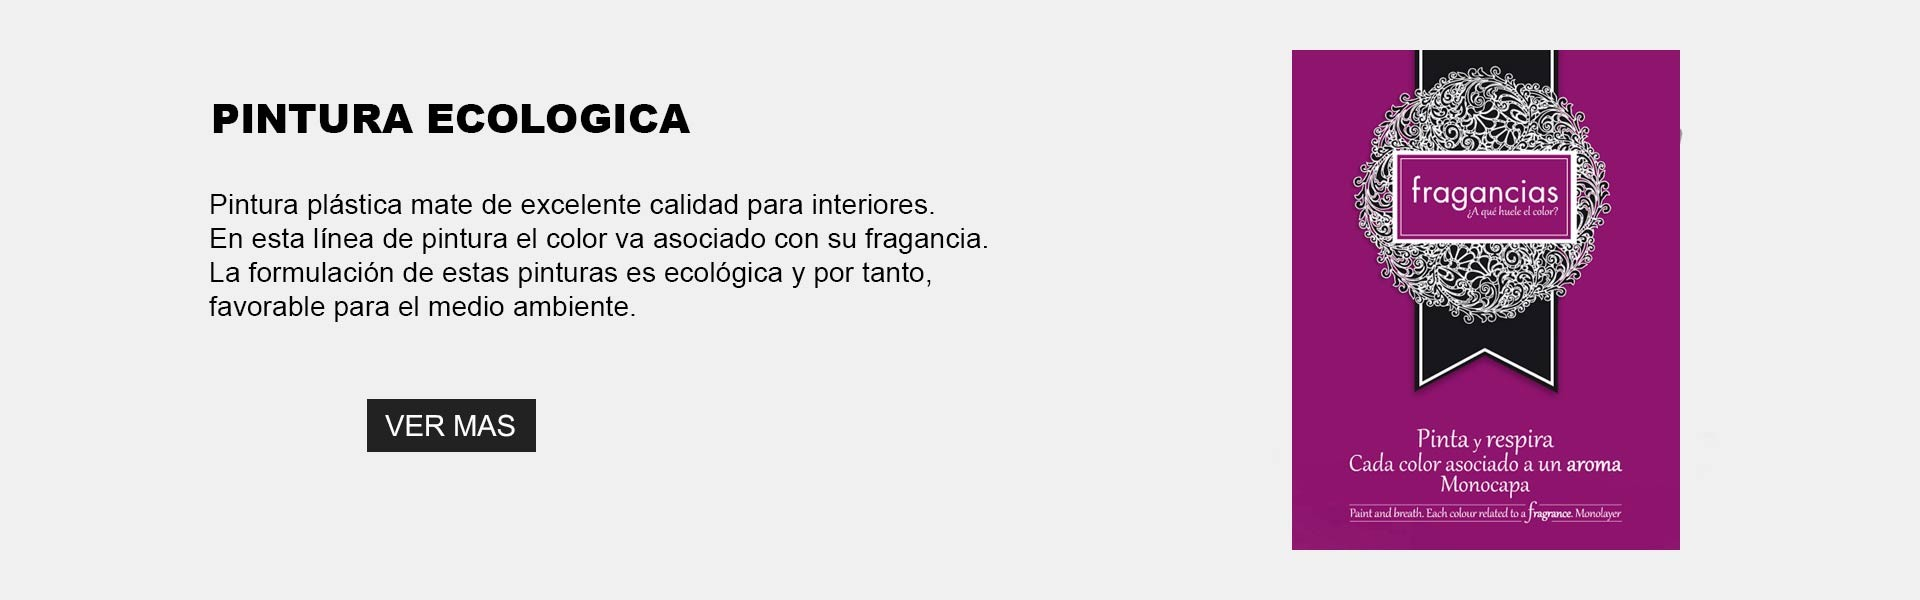 PINTURA ECOLOGICA